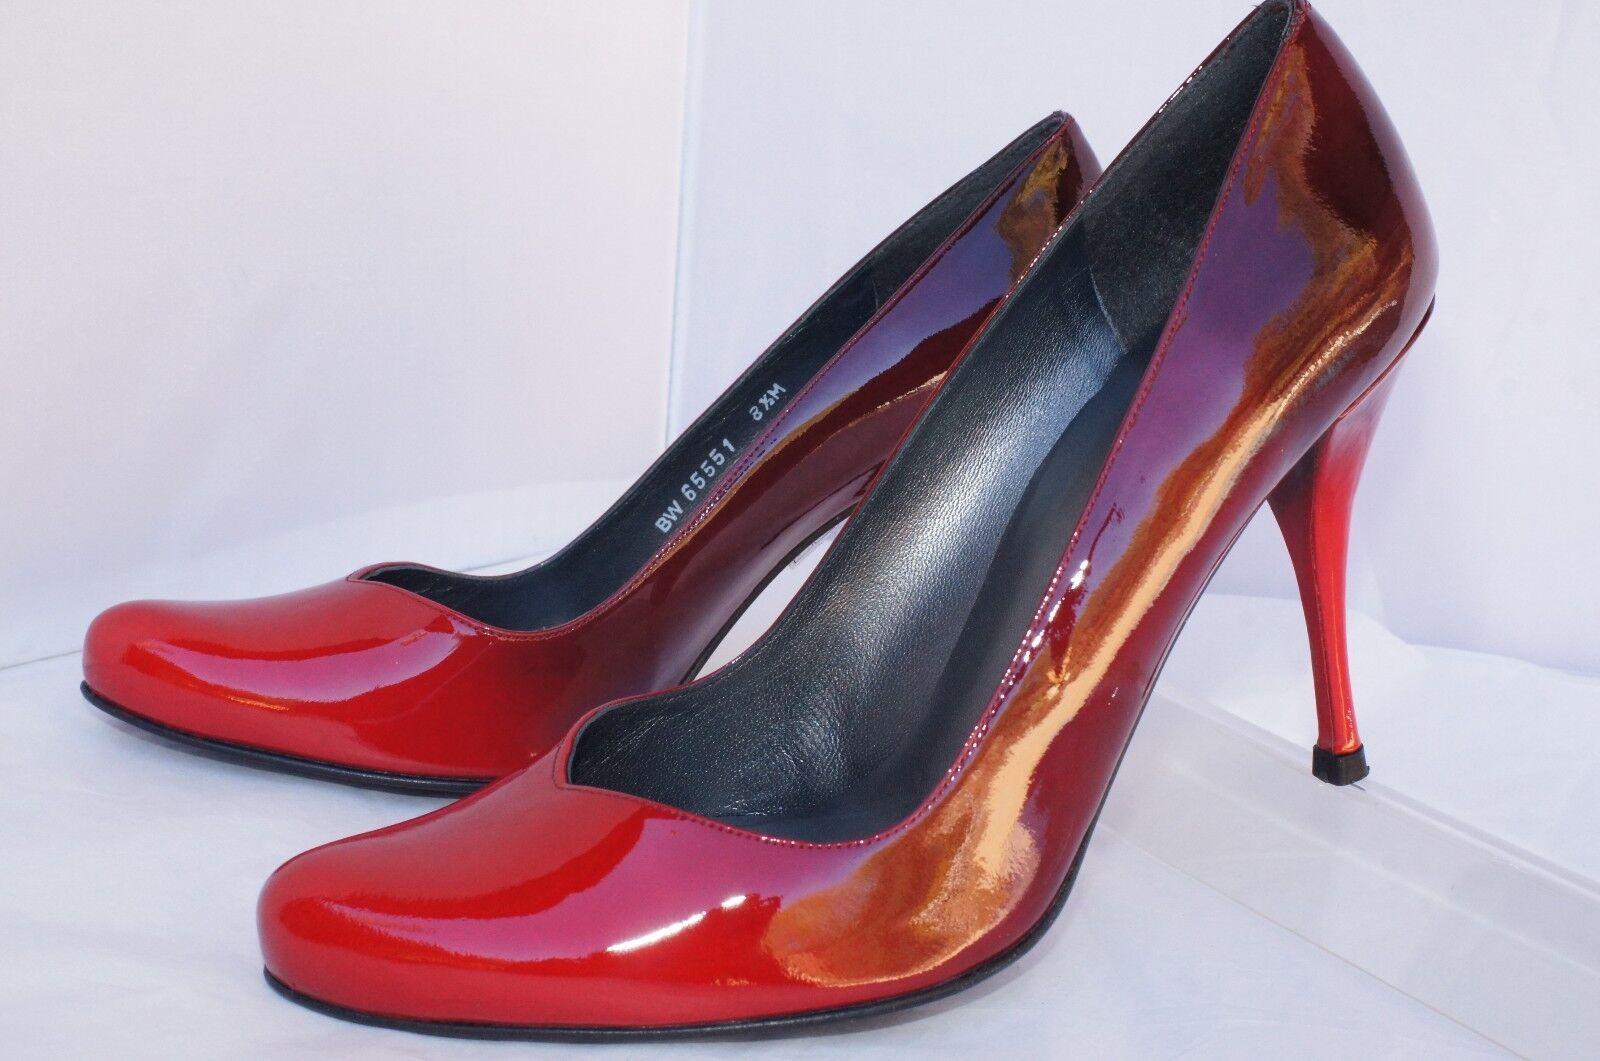 negozio online New Stuart Weitzman Donna  rosso rosso rosso scarpe Pump Dimensione 8.5 Dais Patent Leather Sale  negozio online